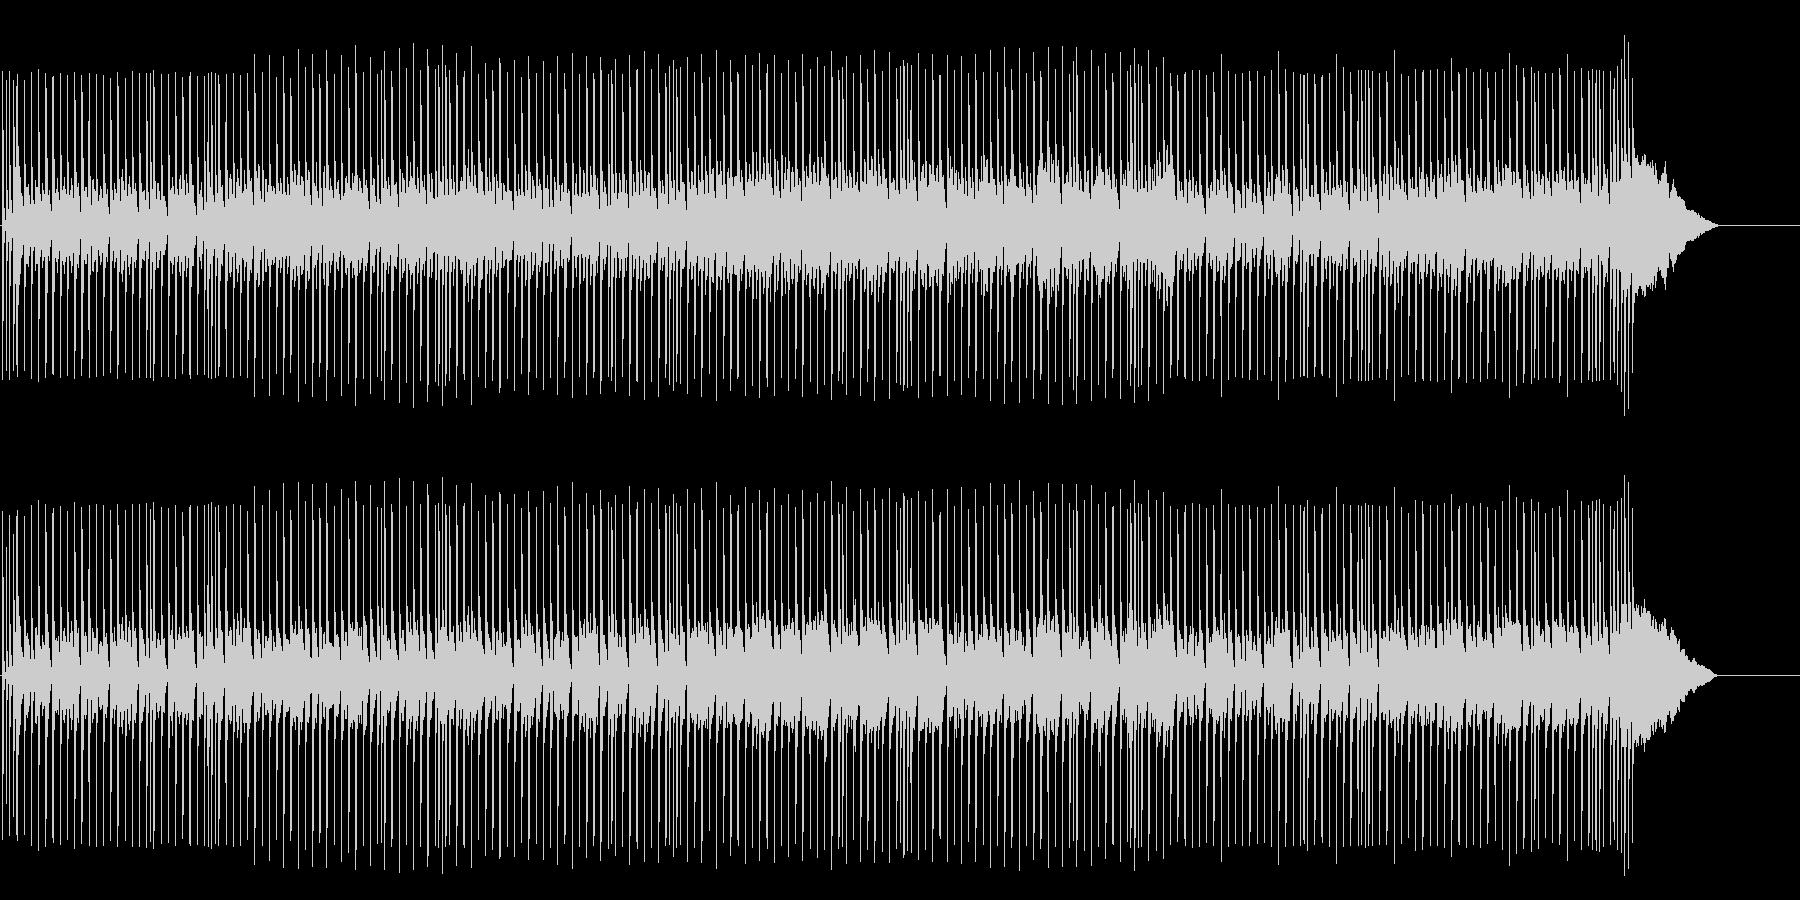 シリアスなテクノ/ポップ/マイナーの未再生の波形